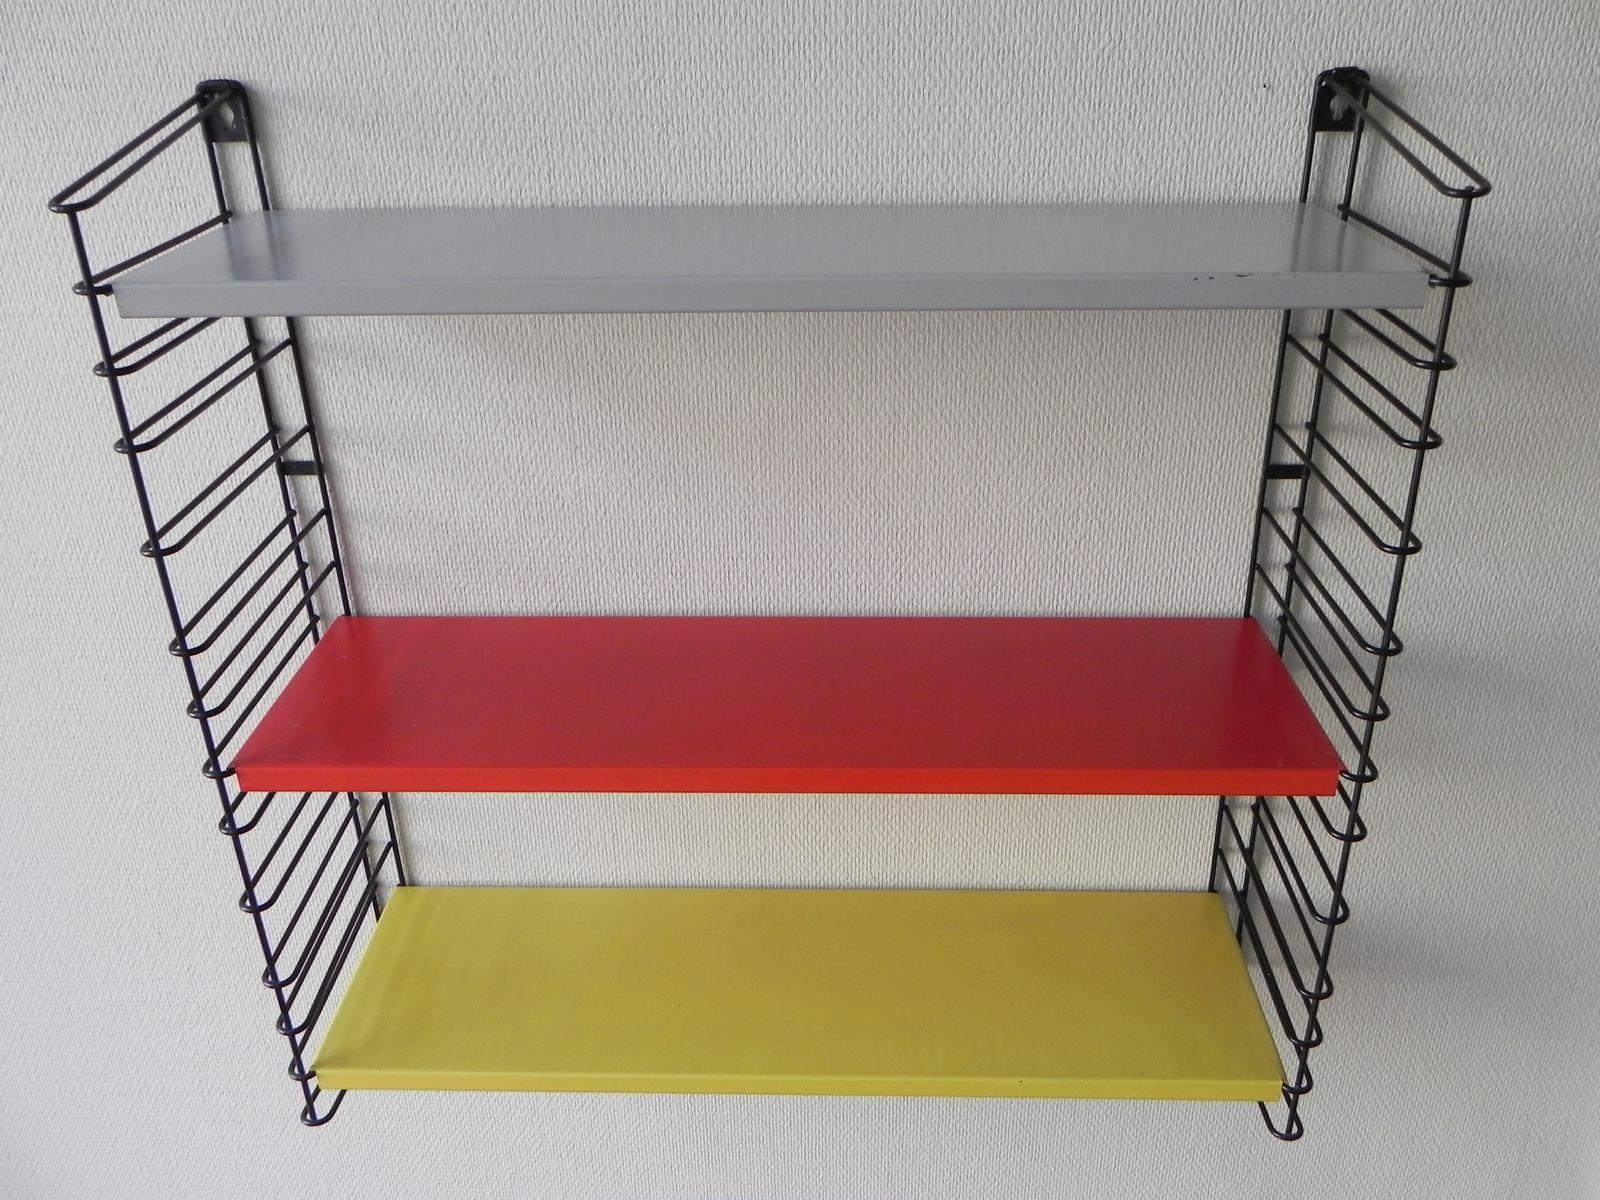 wandregal mit 3 ablagen aus metall von tomado 1960er bei pamono kaufen. Black Bedroom Furniture Sets. Home Design Ideas